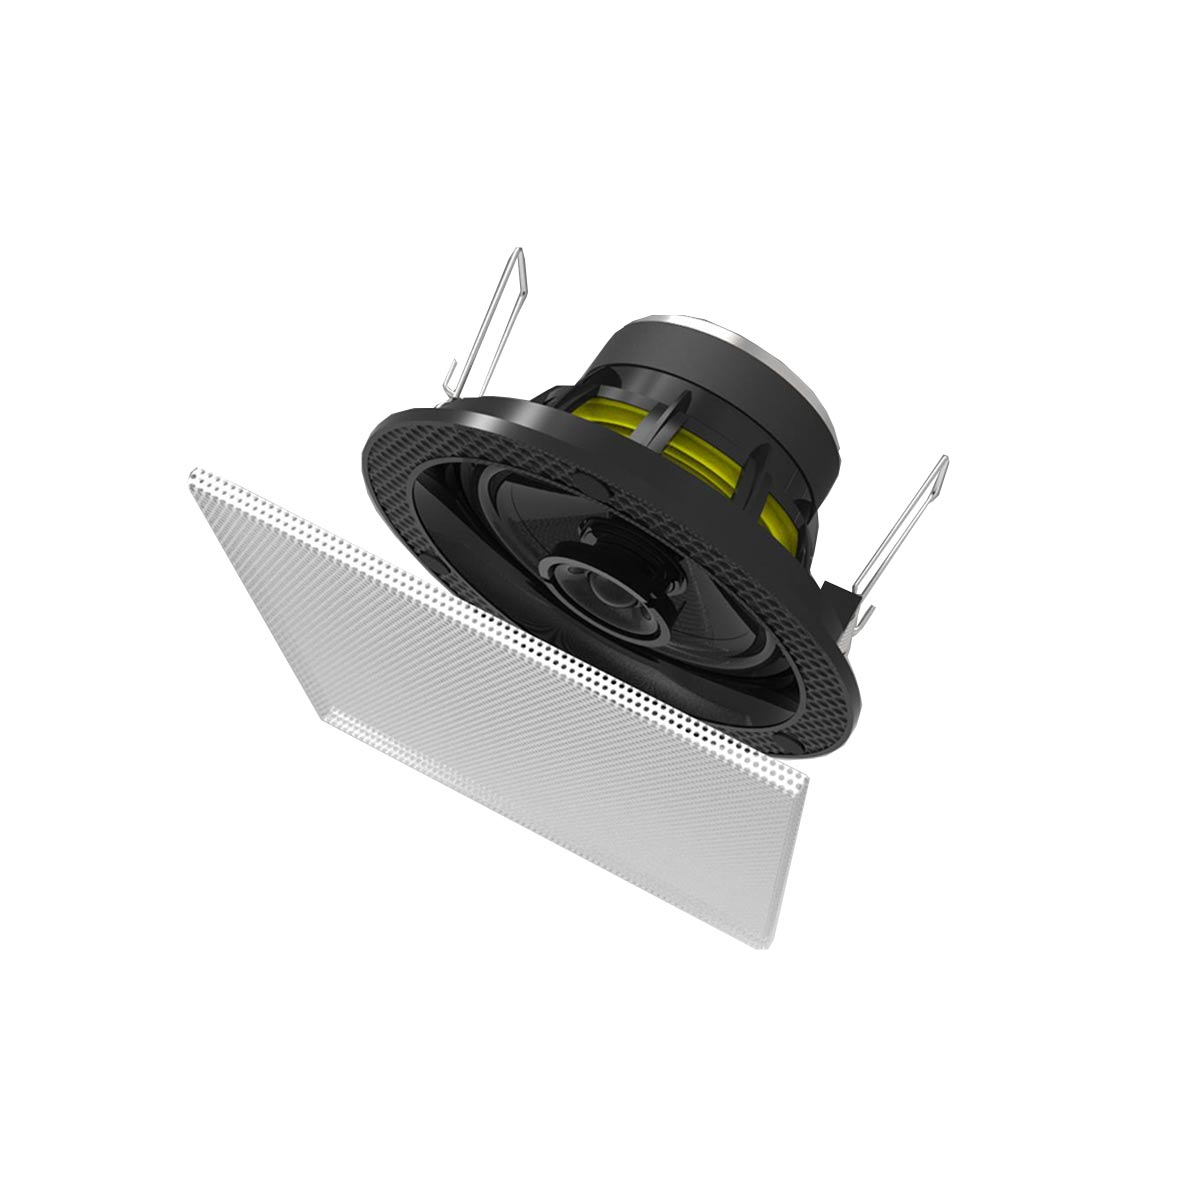 Arandela Coaxial Quadrada Fal 3.5 Pol 30W - S 1 BSA